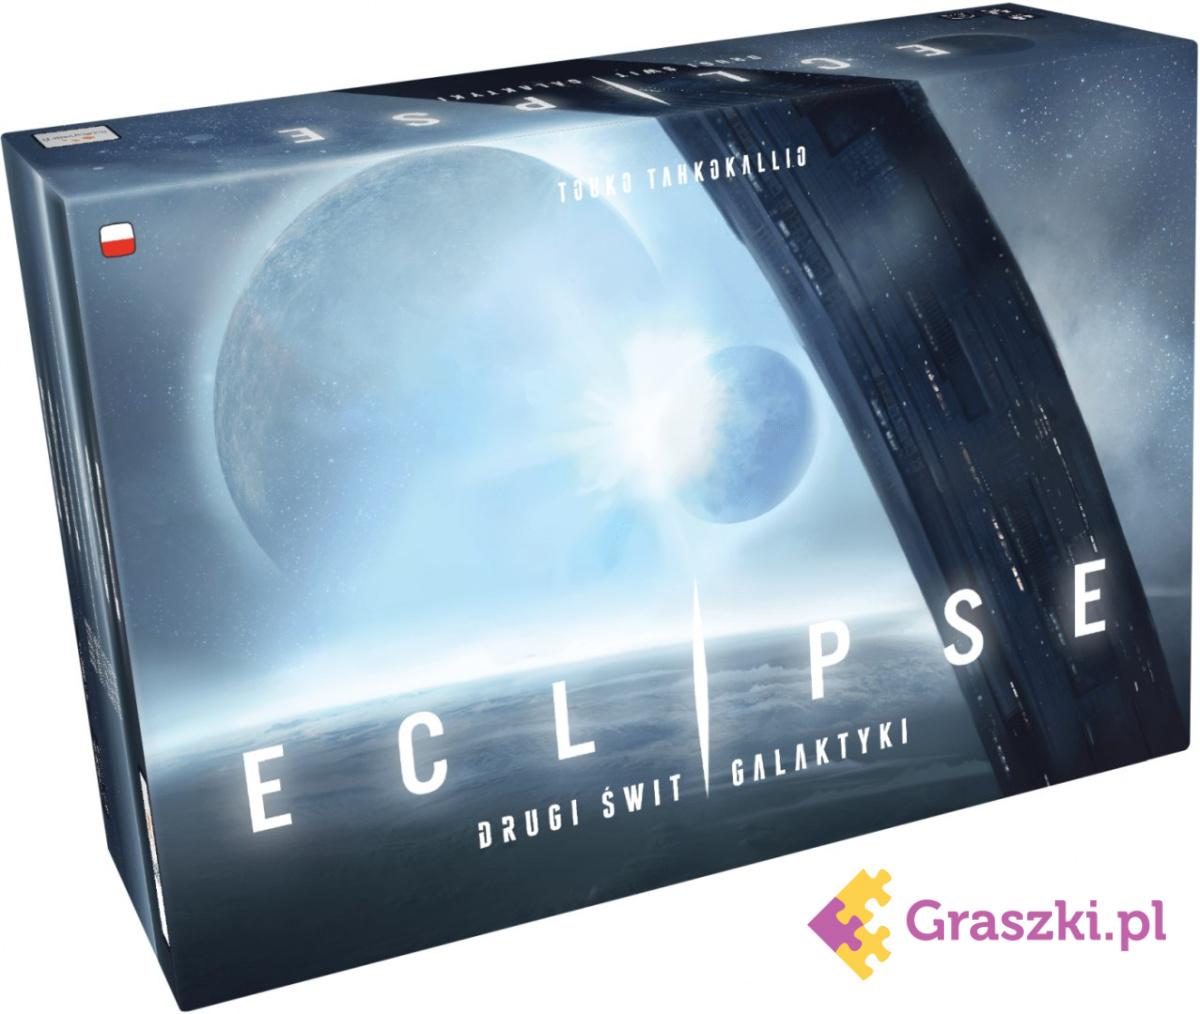 Przedsprzedaż Eclipse: Drugi świt galaktyki // darmowa dostawa od 249.99 zł // wysyłka do 24 godzin! // odbiór osobisty w Opolu